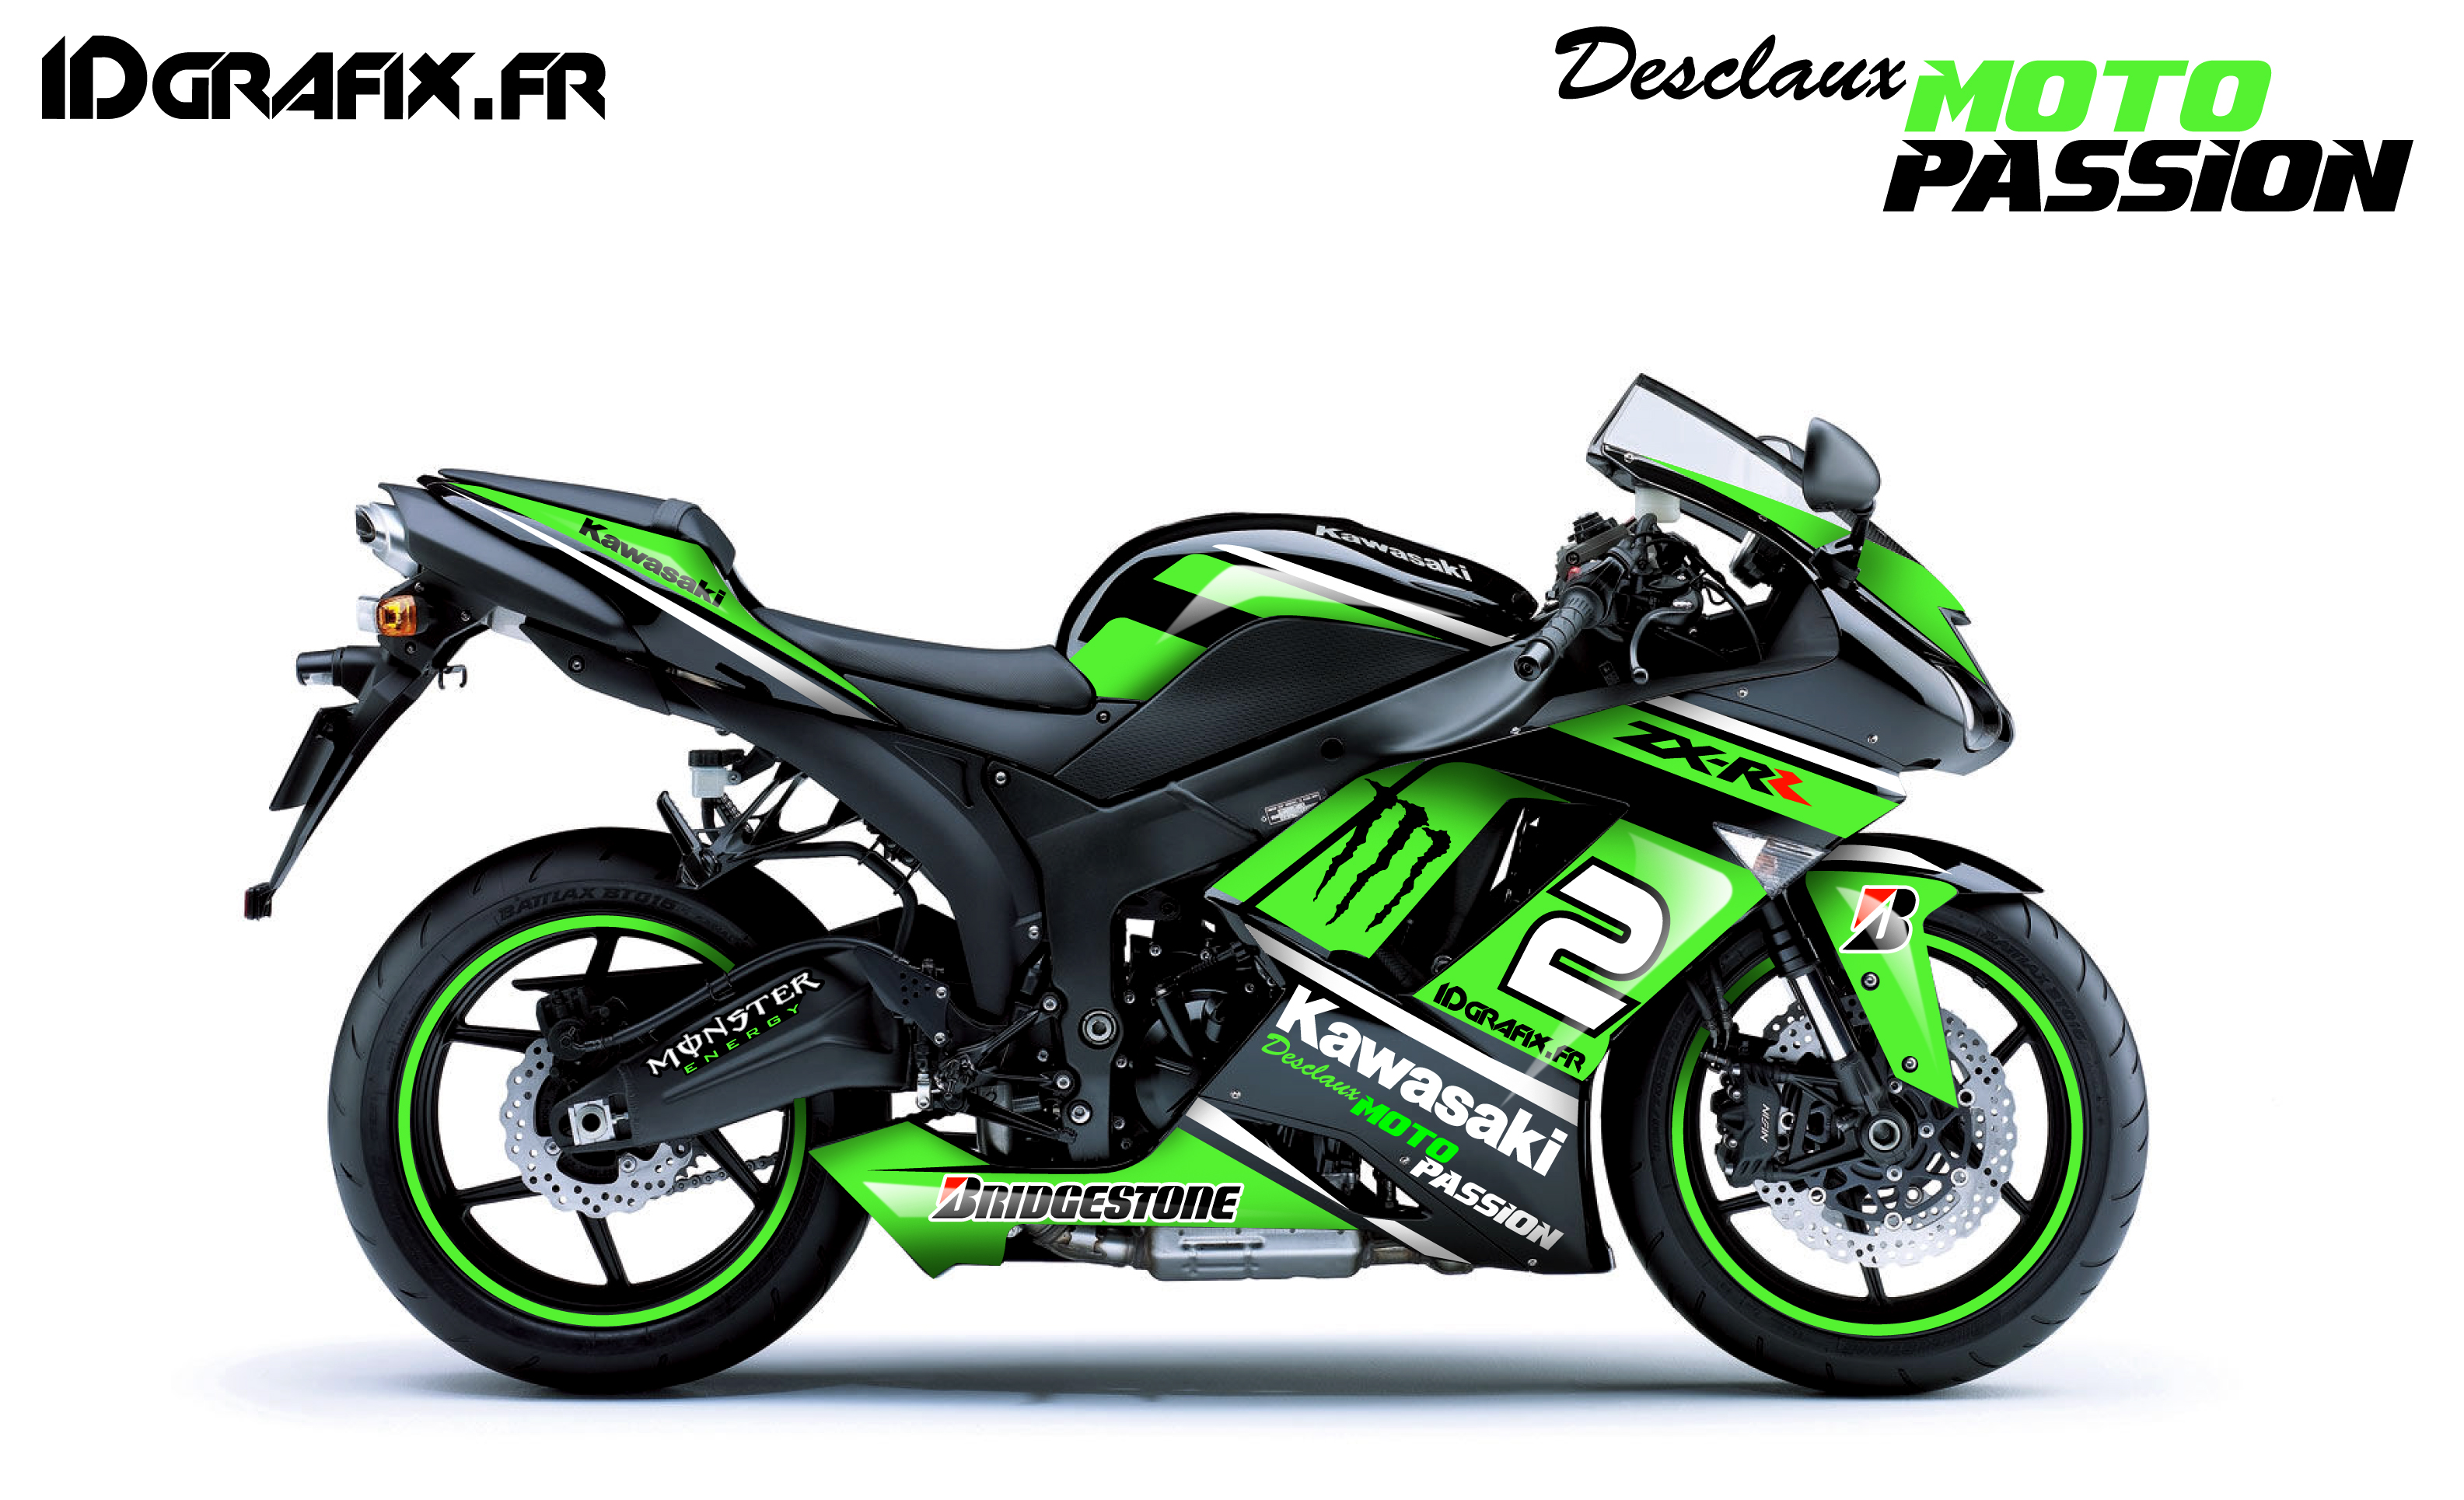 Kit déco pour Desclaux Moto \u2013 Kawasaki ZX6R Race Replica \u2013 IDgrafix.fr